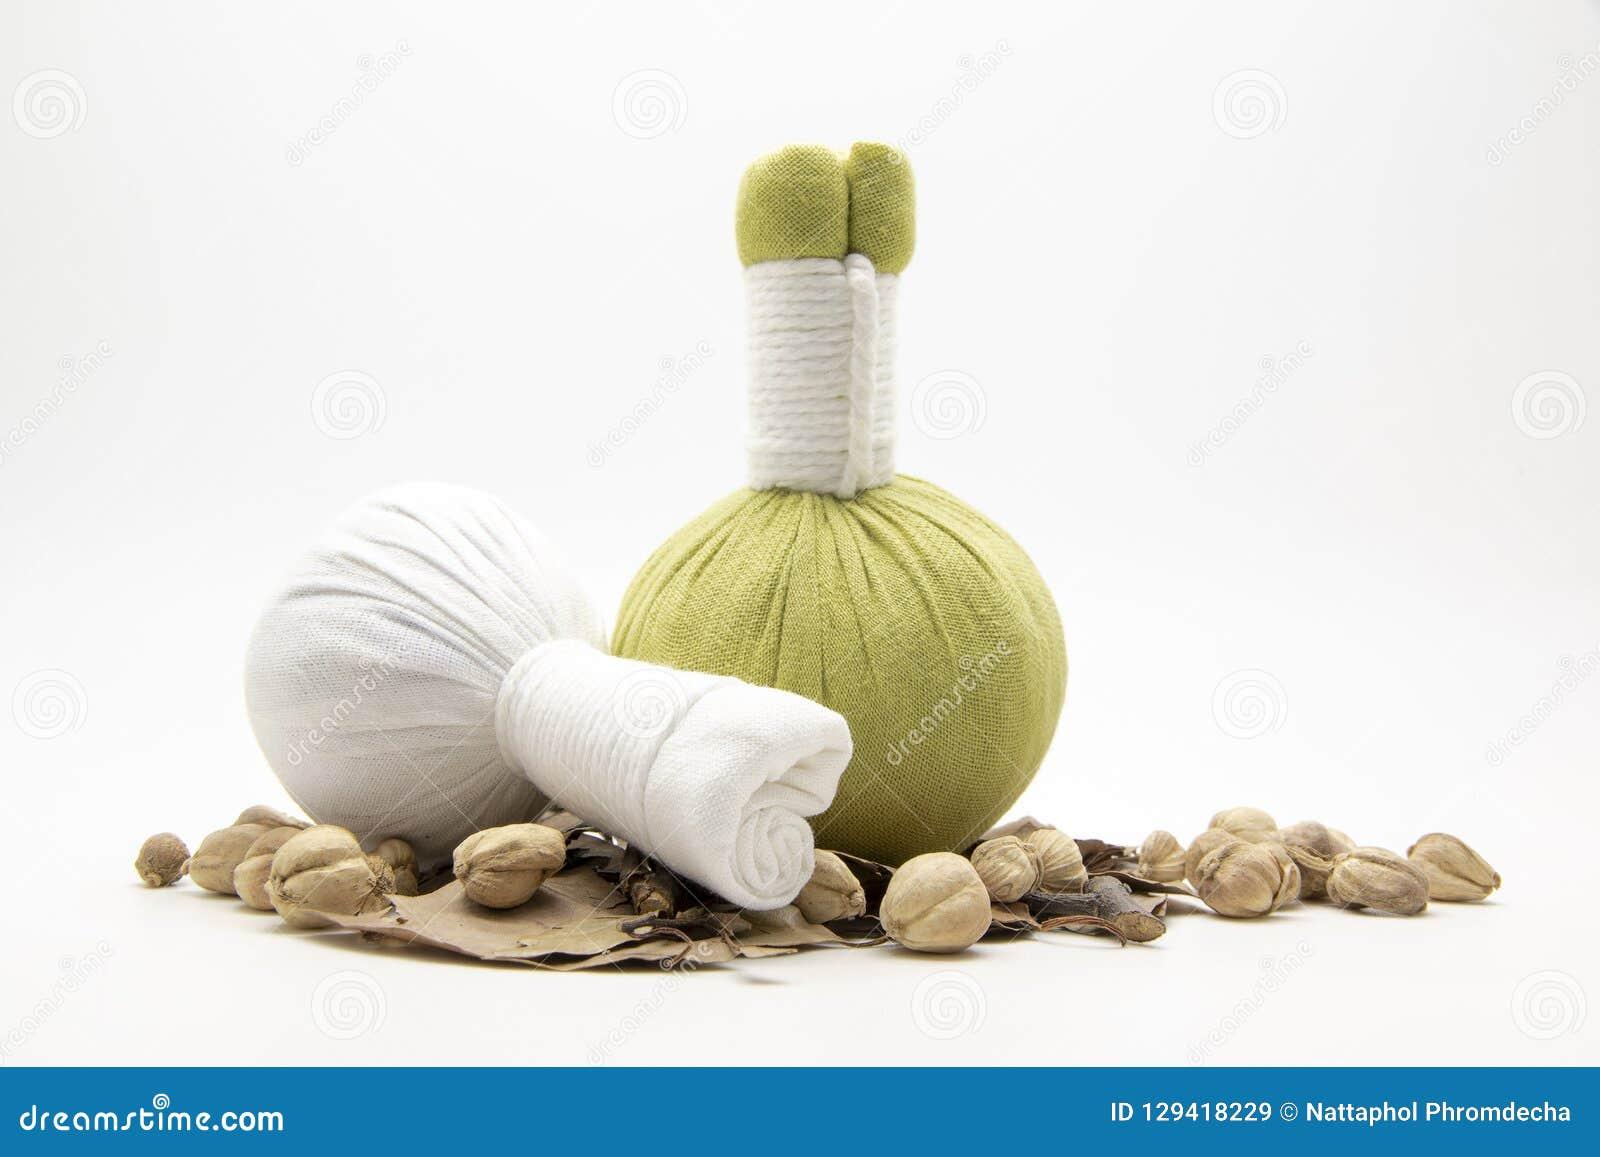 绿色压缩球、白色压缩球和草本在白色后面